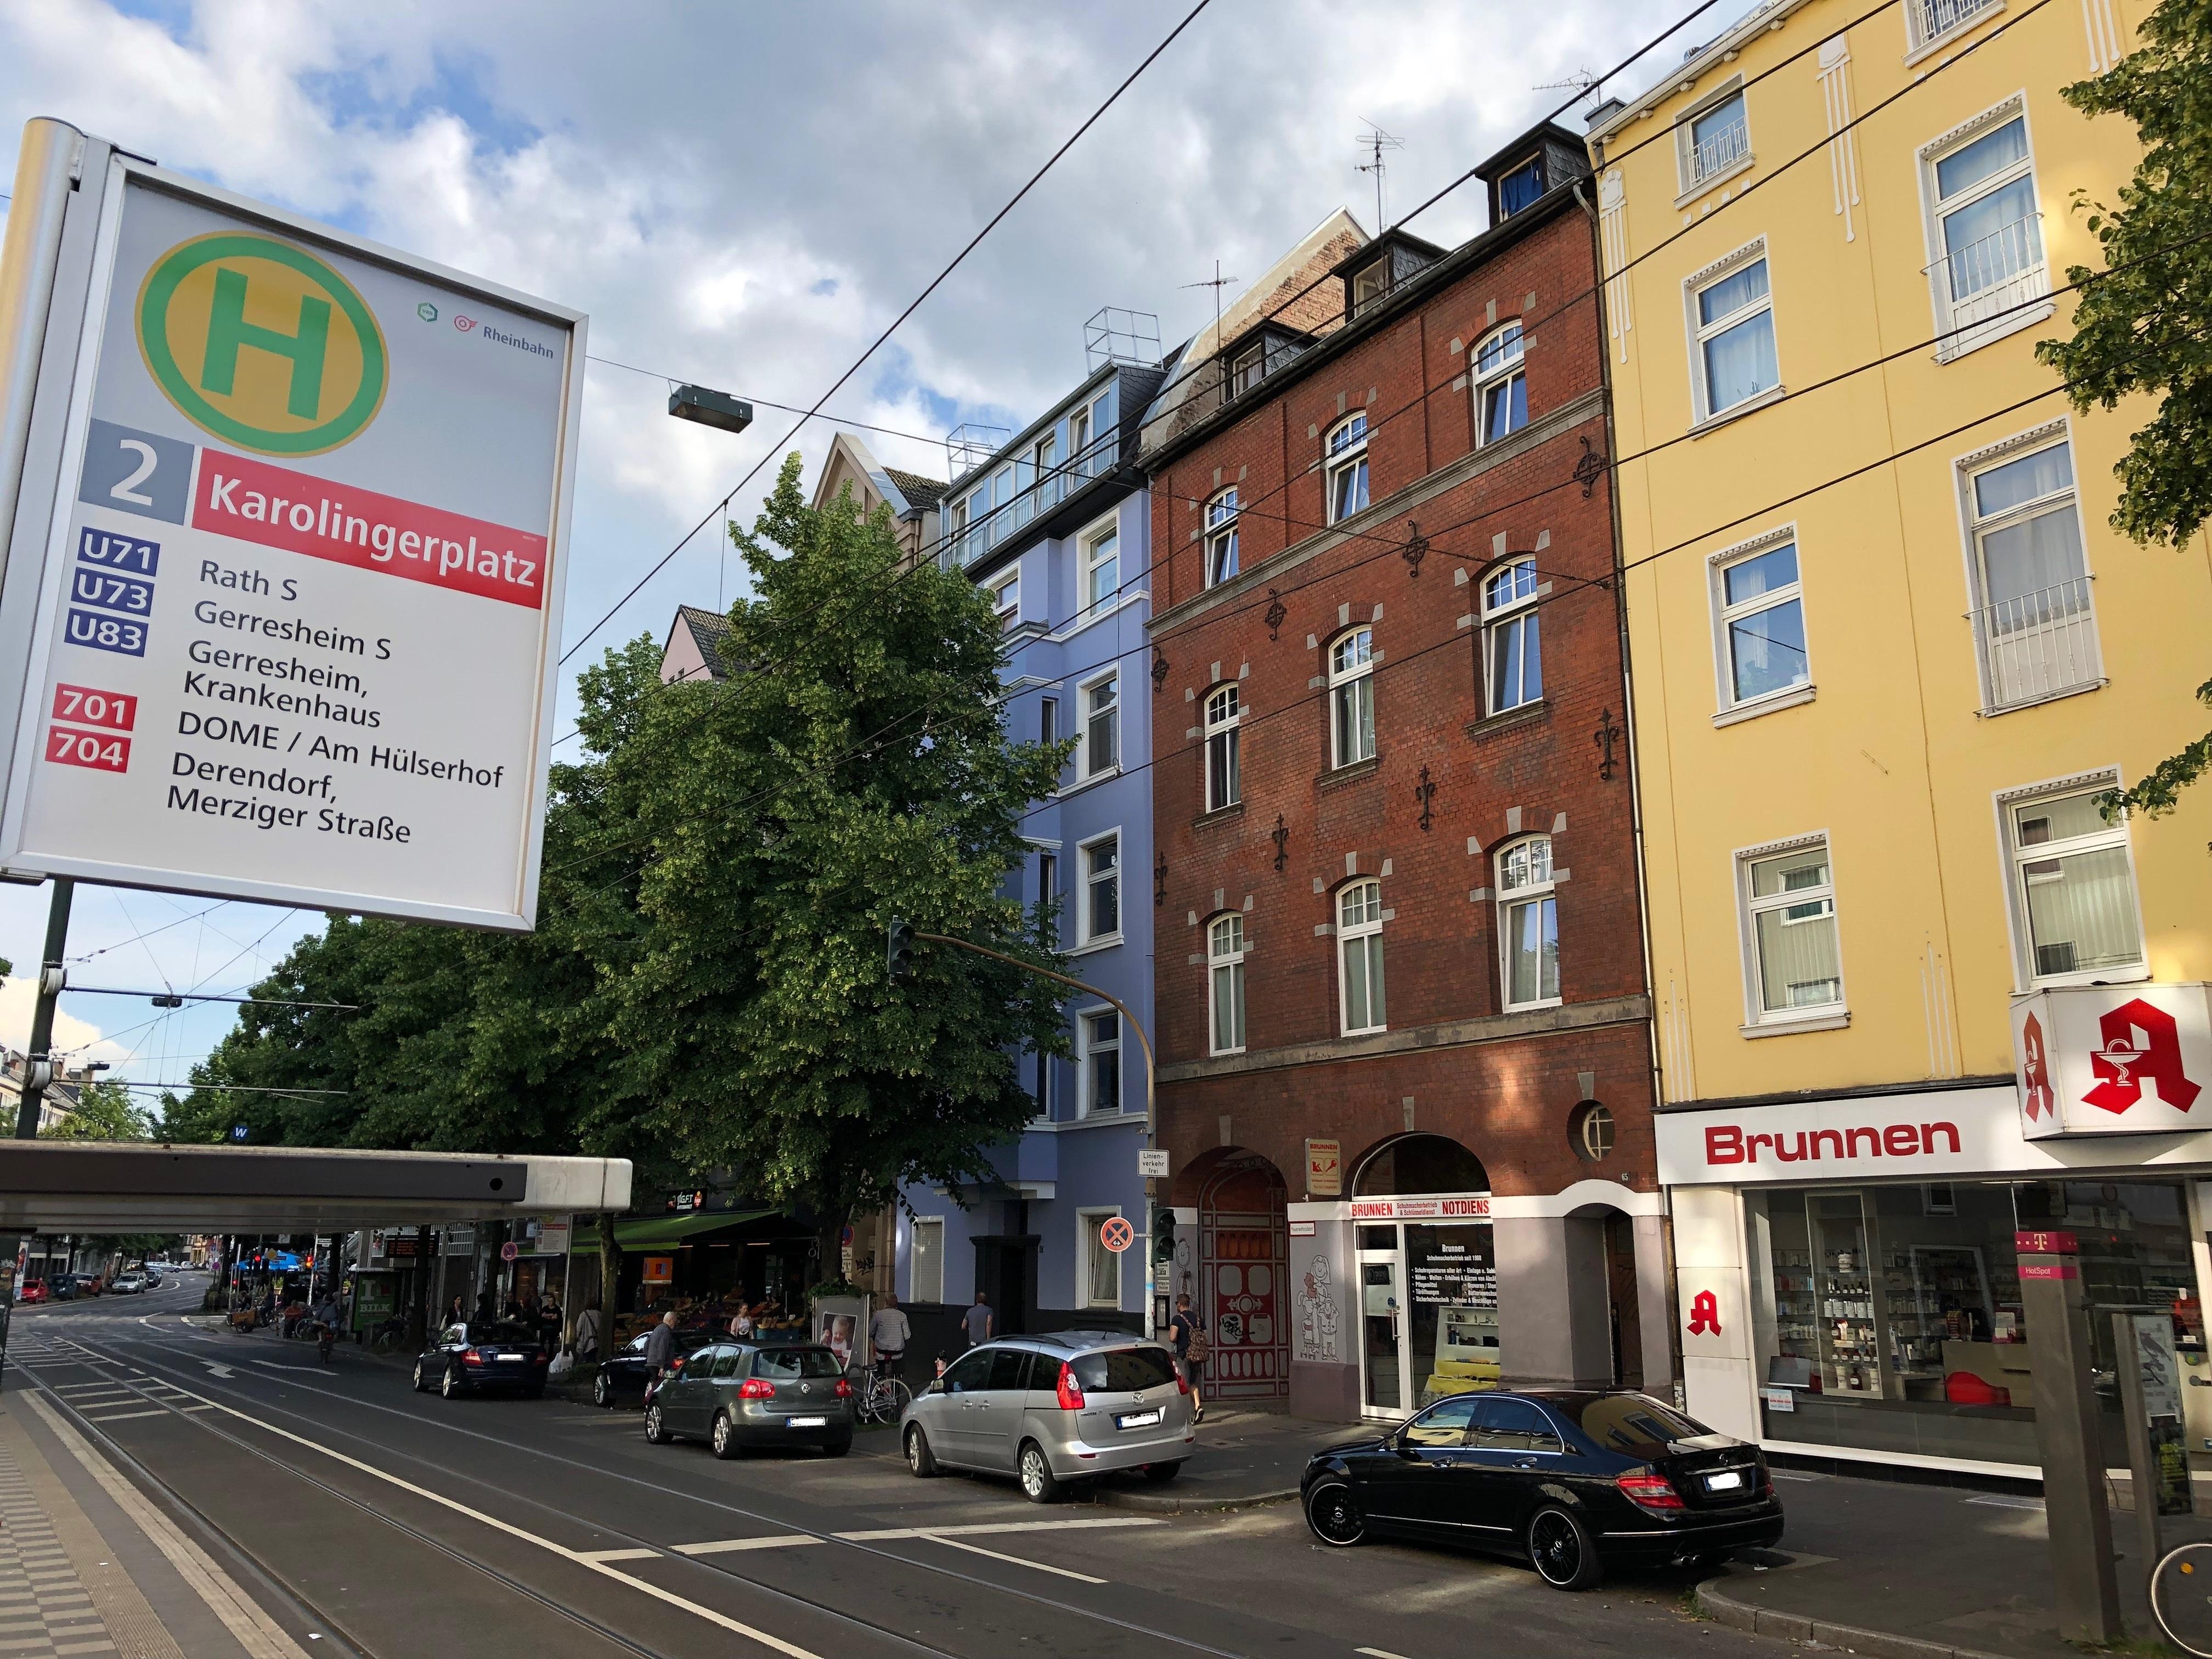 Antrag Umgestaltung Karolingerplatz: keine Baumfällungen für barrierefreien Umbau der Haltestellen!